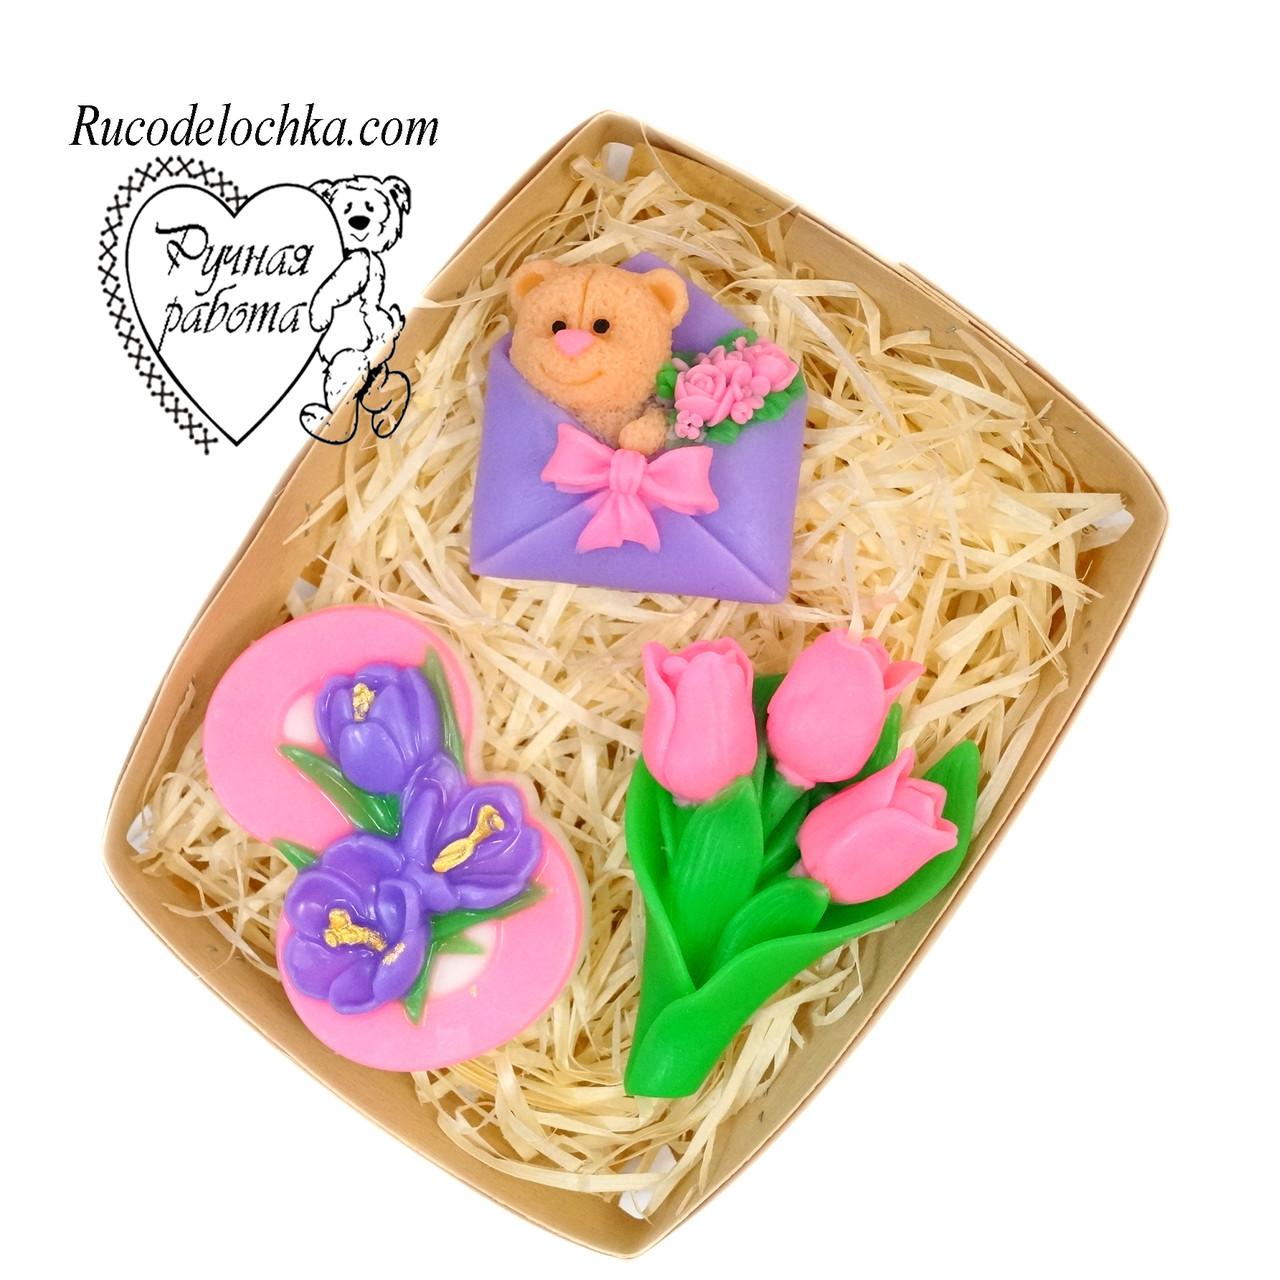 Мыло набор 8 марта, роза, восьмерка, букет тюльпанов, подарок маме, подруге, жене, женщине, ручная работа